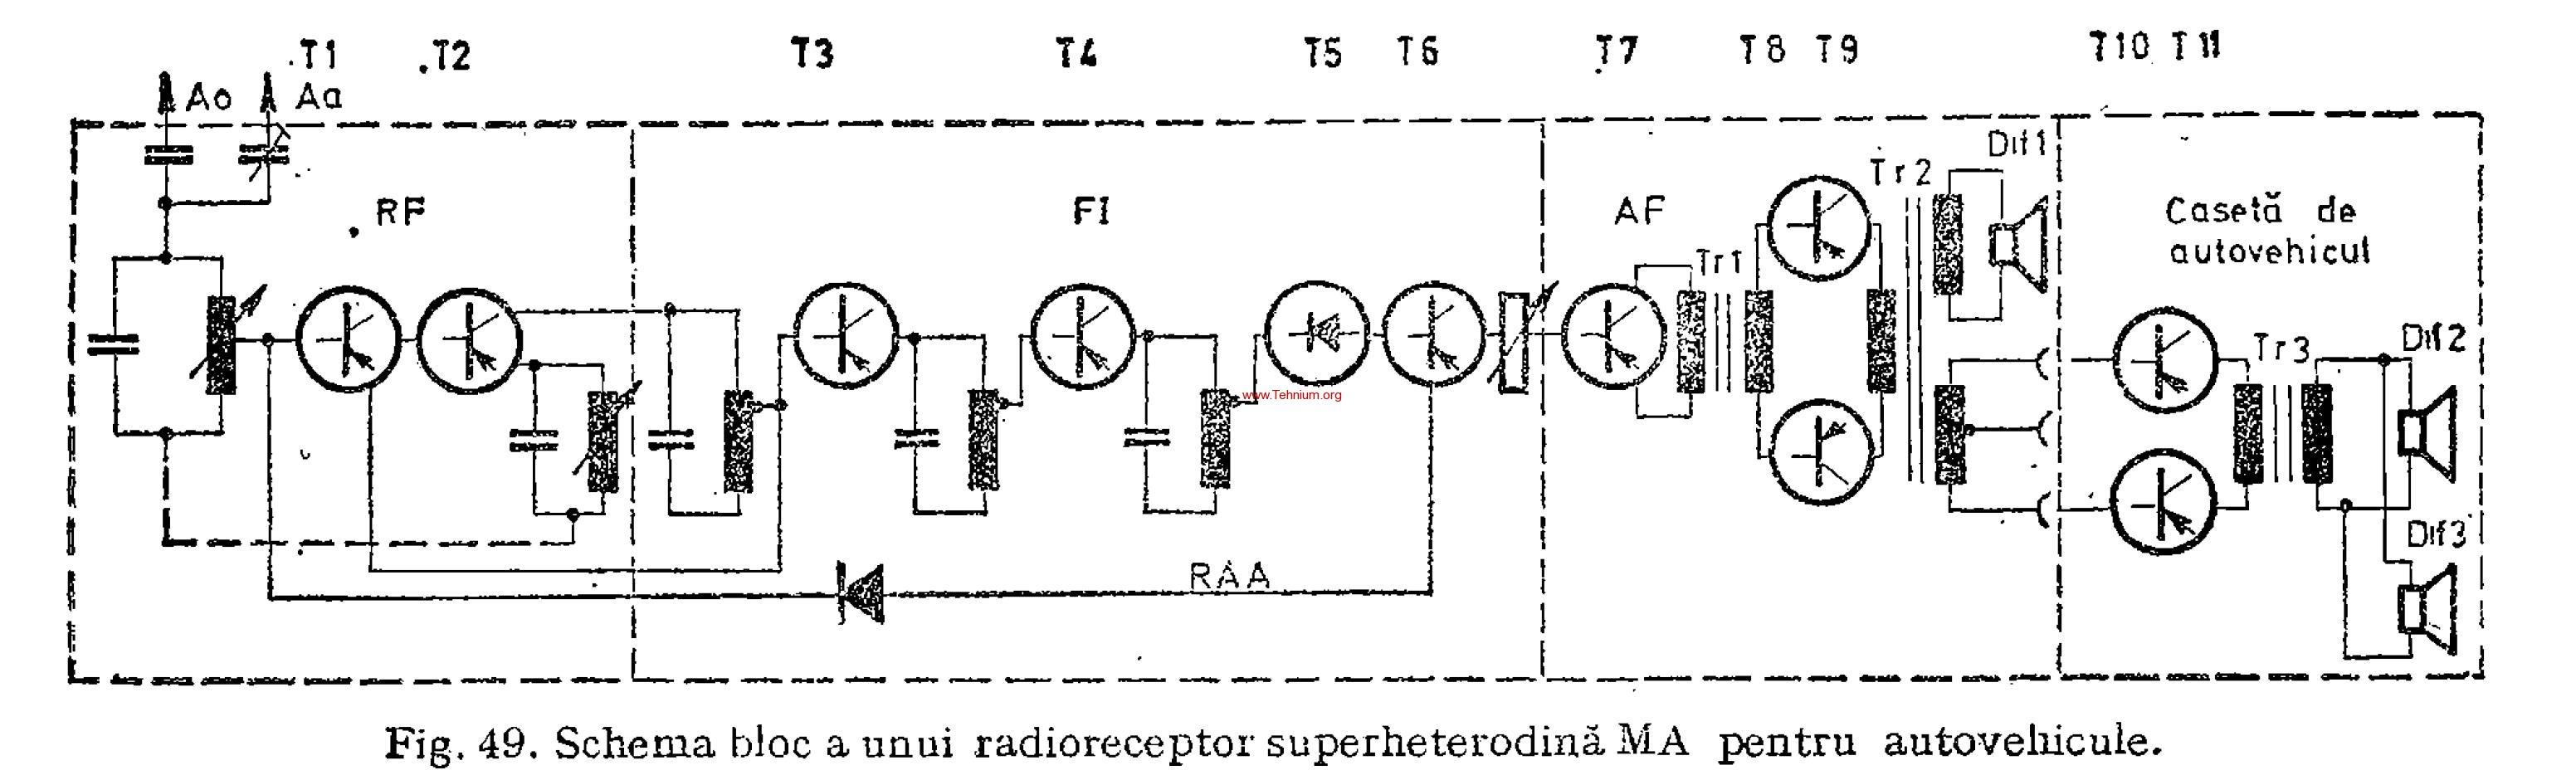 Radioreceptoare pentru autovehicule 1